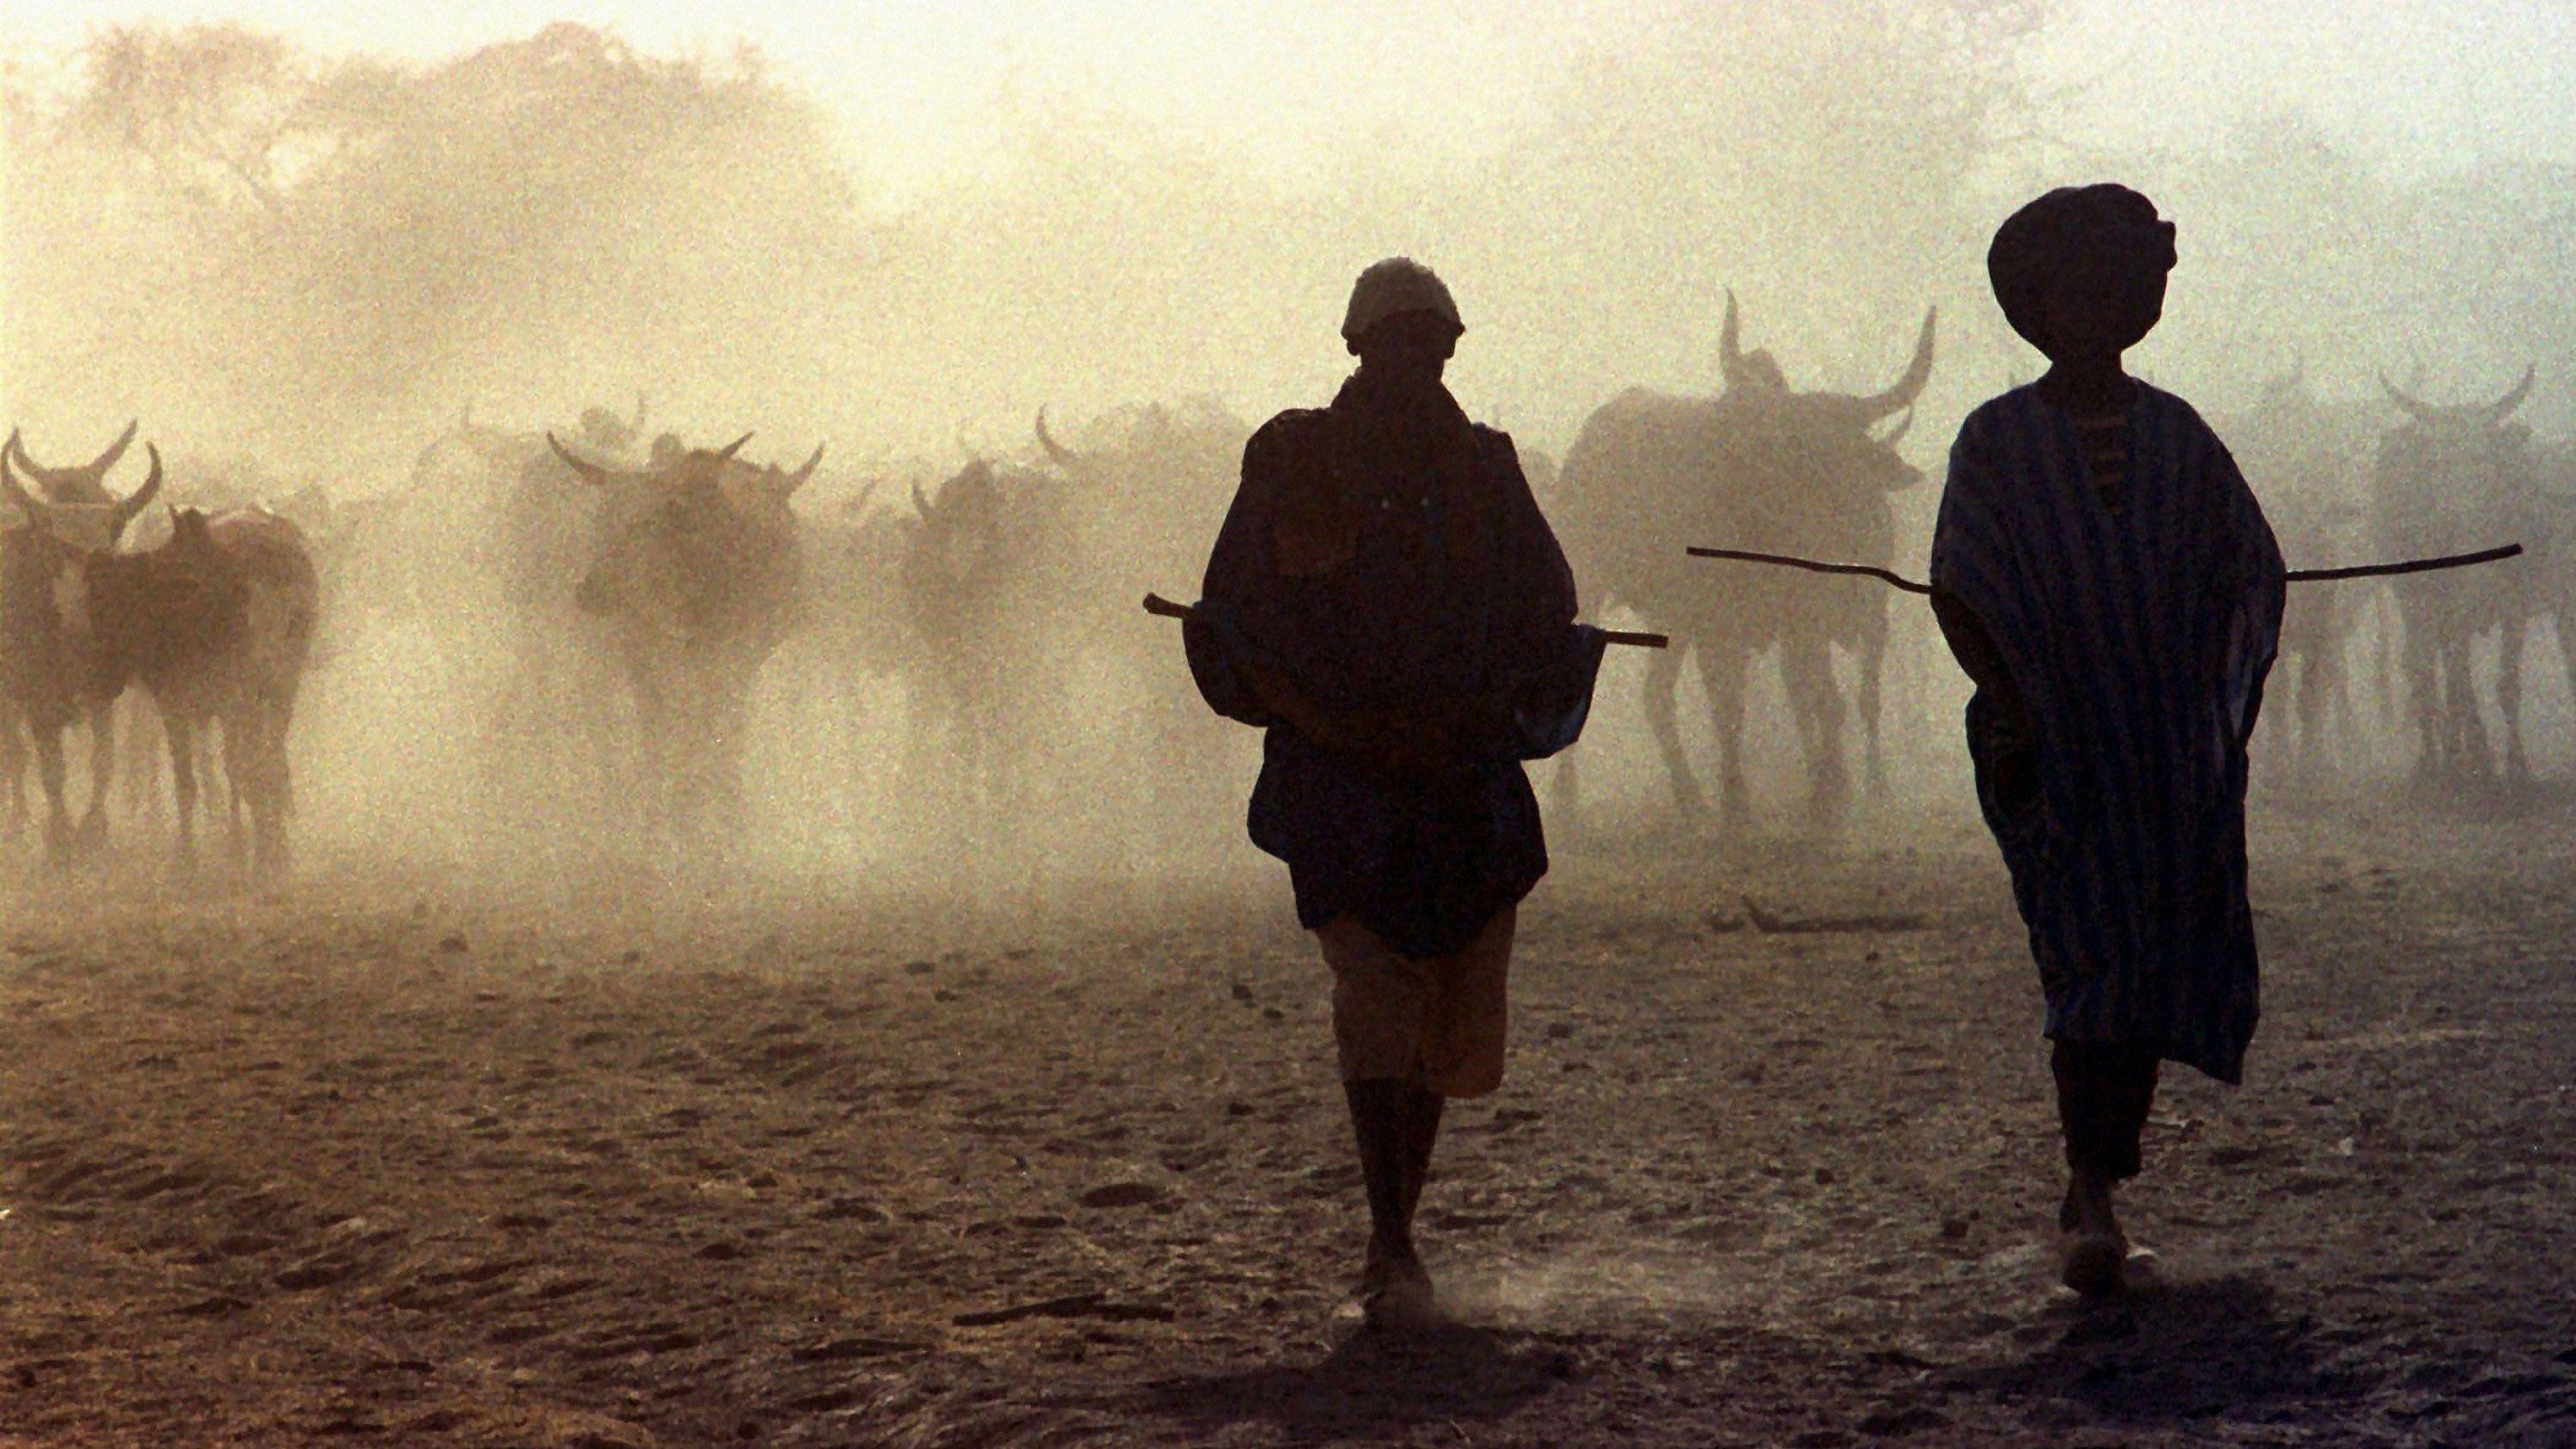 サハラ砂漠の牧畜民たち 人工衛星が変える「水探し」